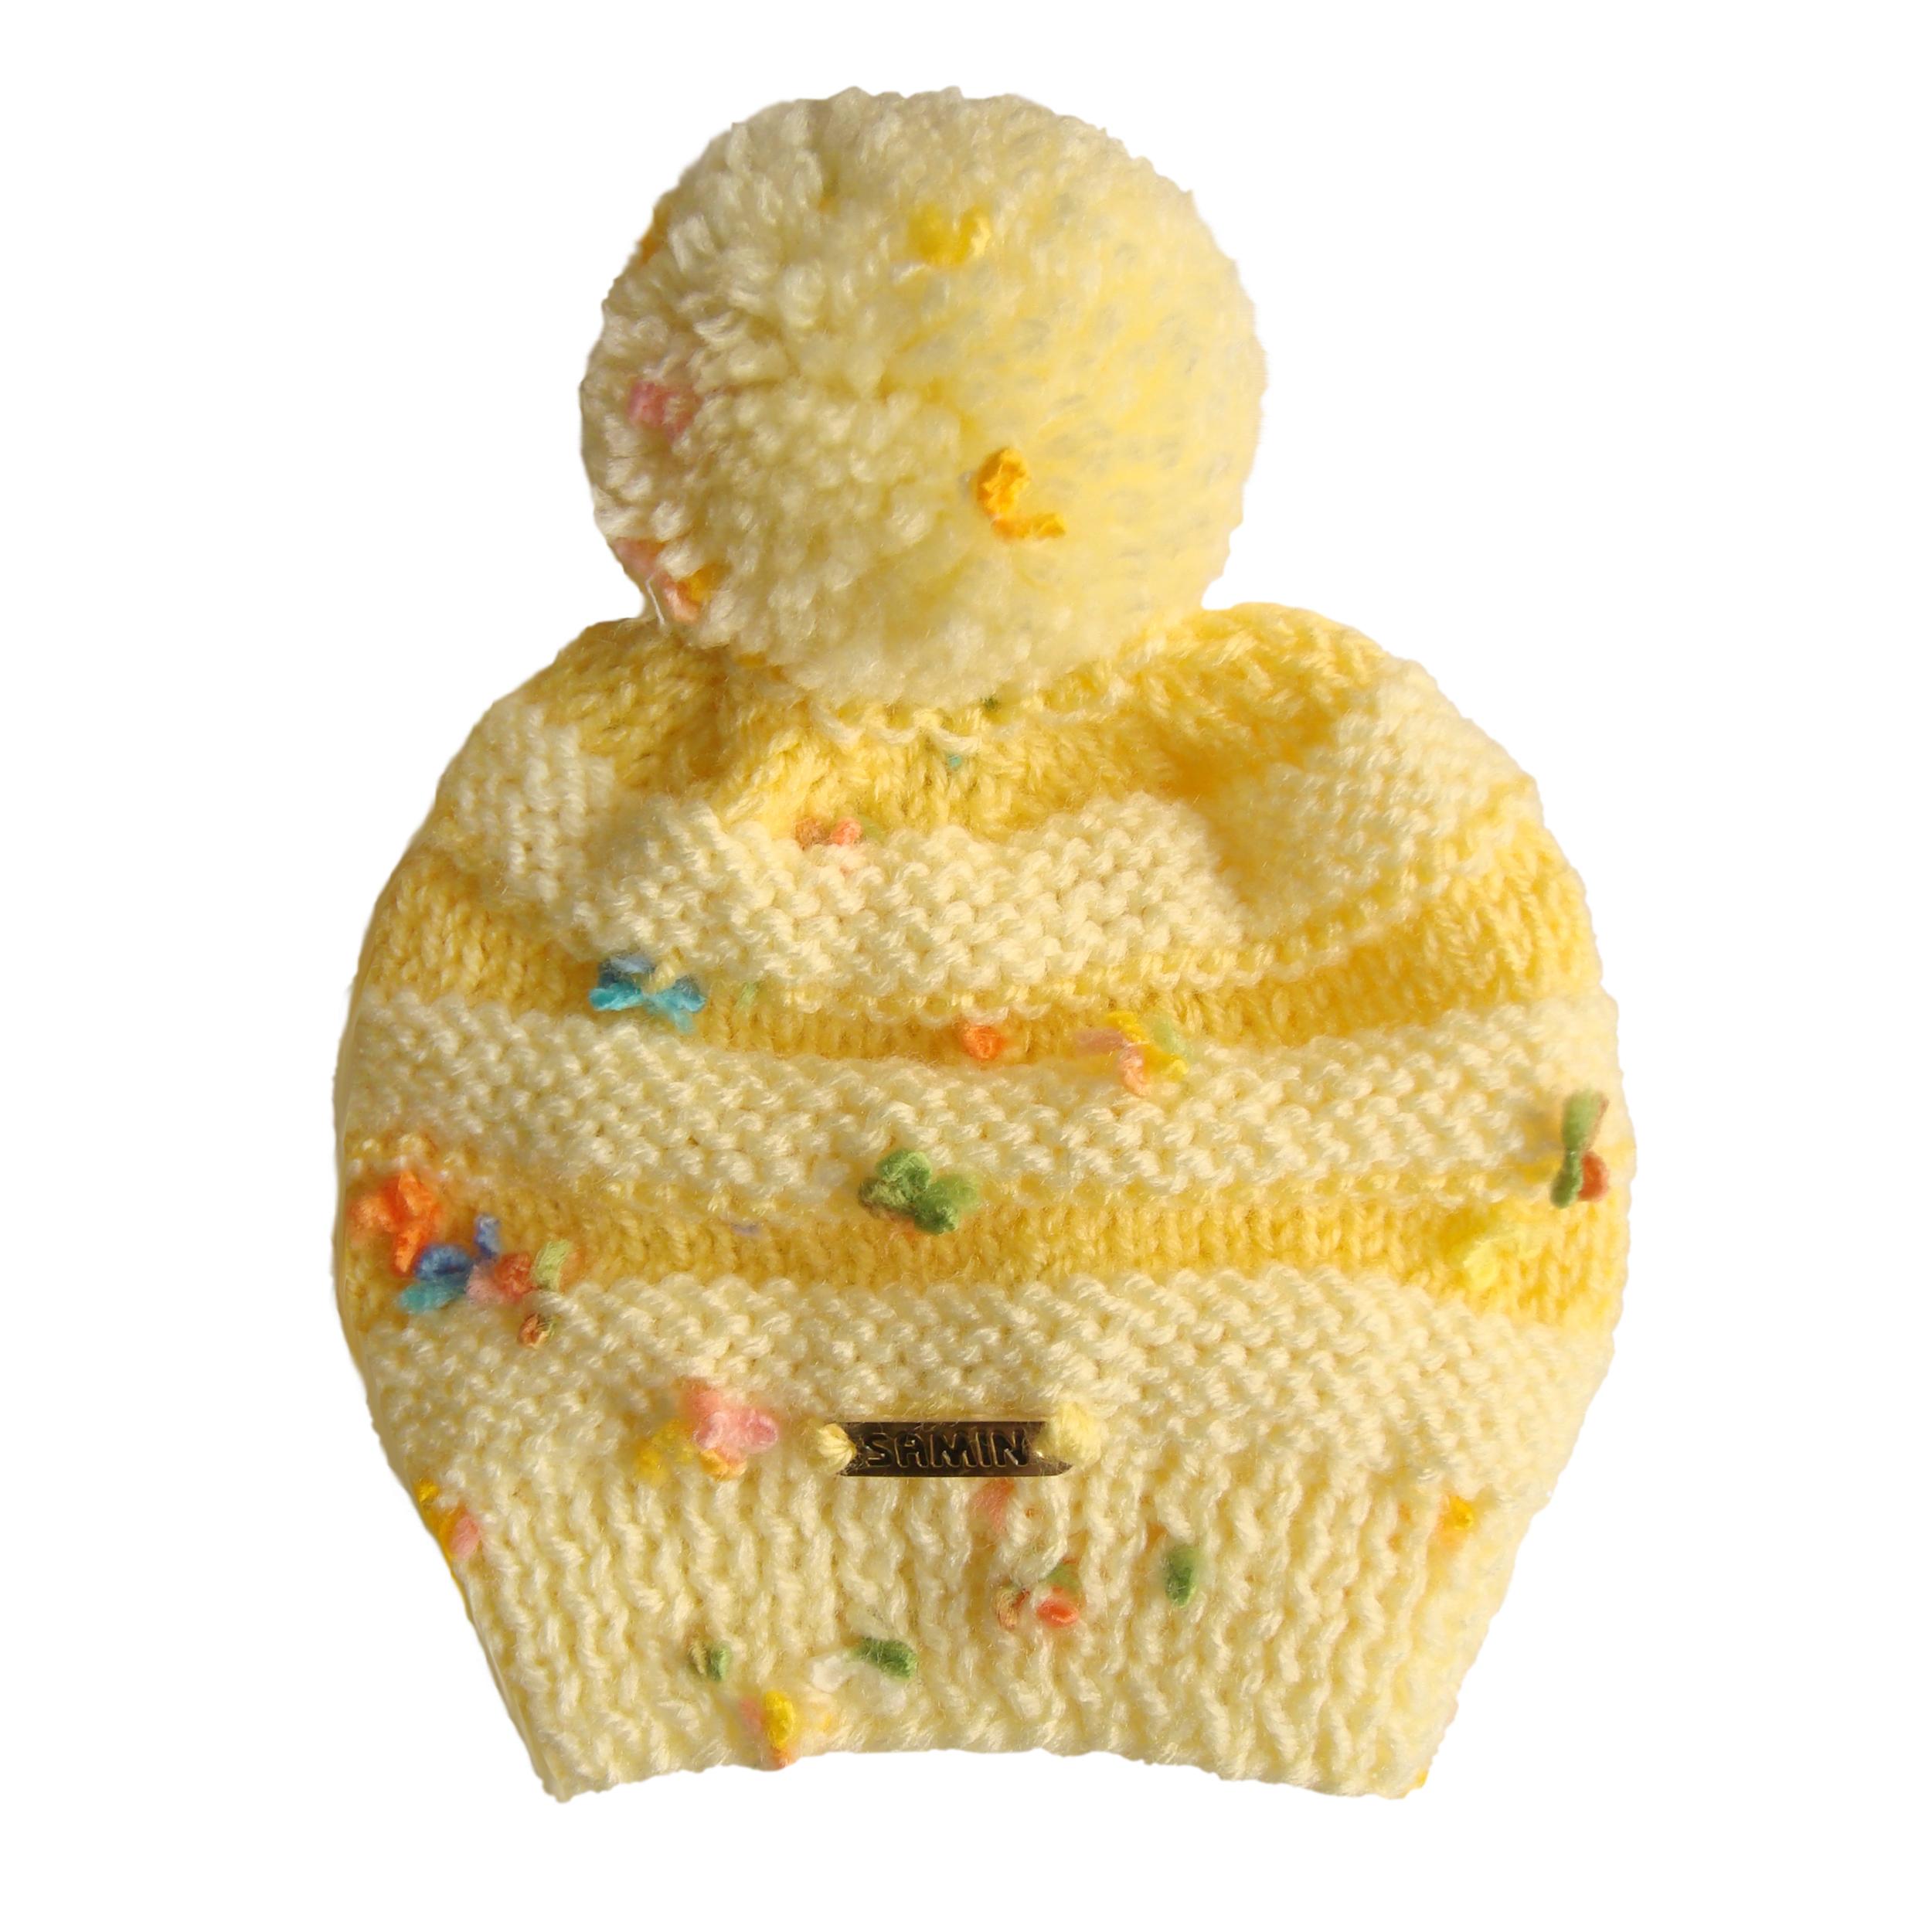 کلاه نوزادی ثمین مدل Flower رنگ زرد